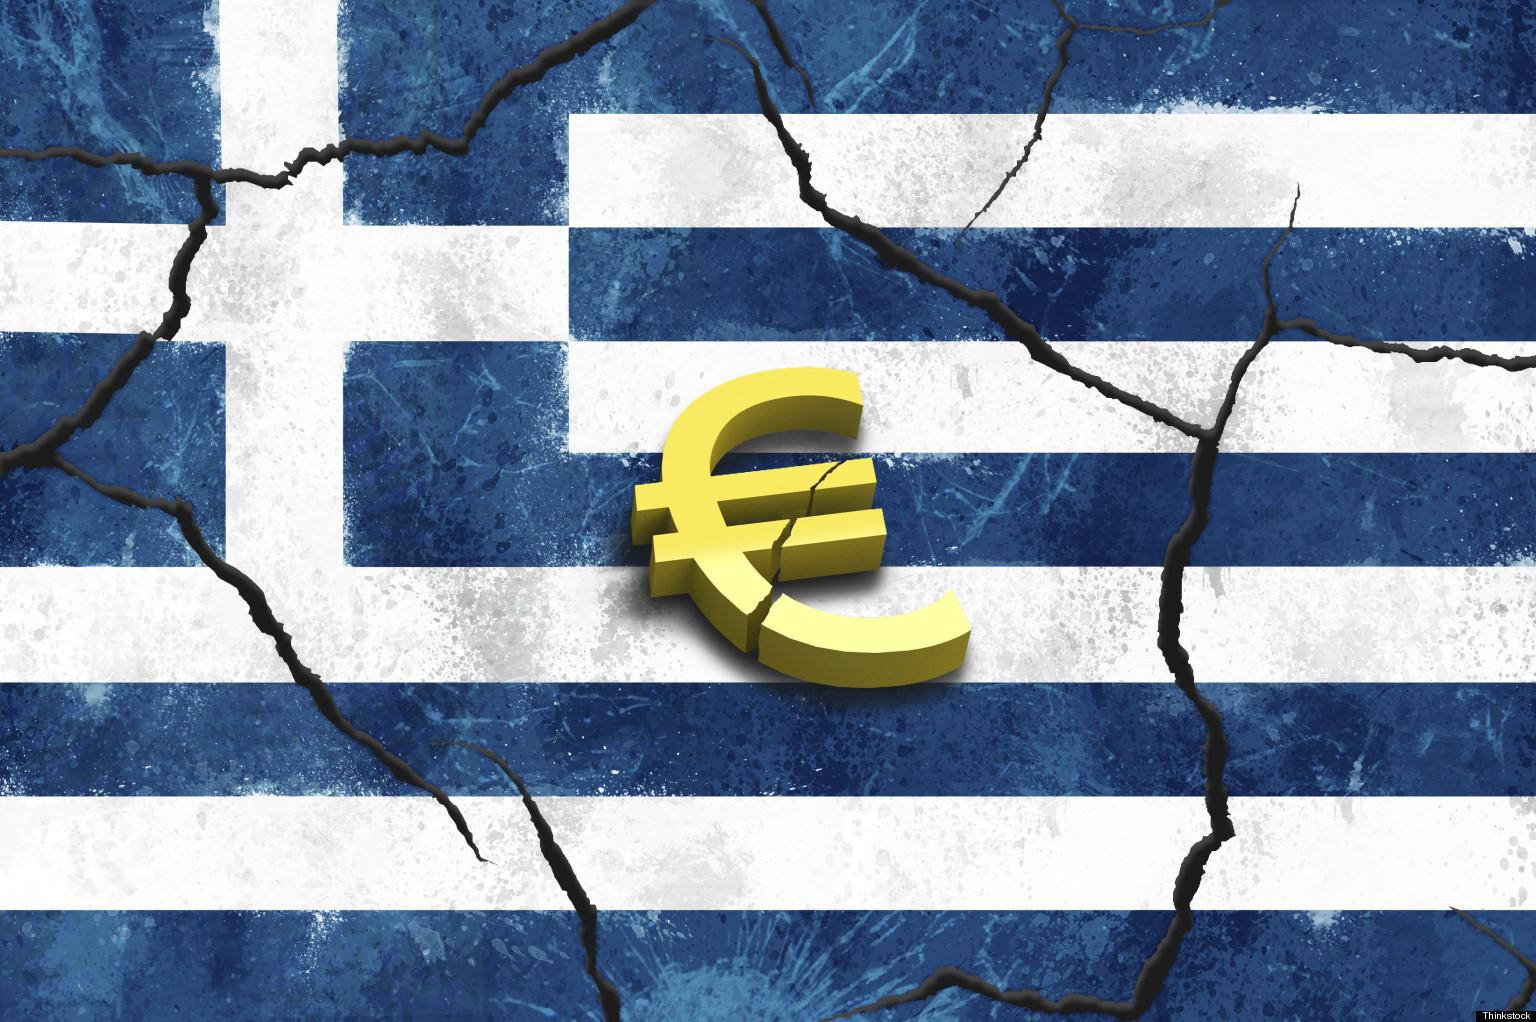 http://i.huffpost.com/gen/878425/thumbs/o-GRECIA-EURO-facebook.jpg